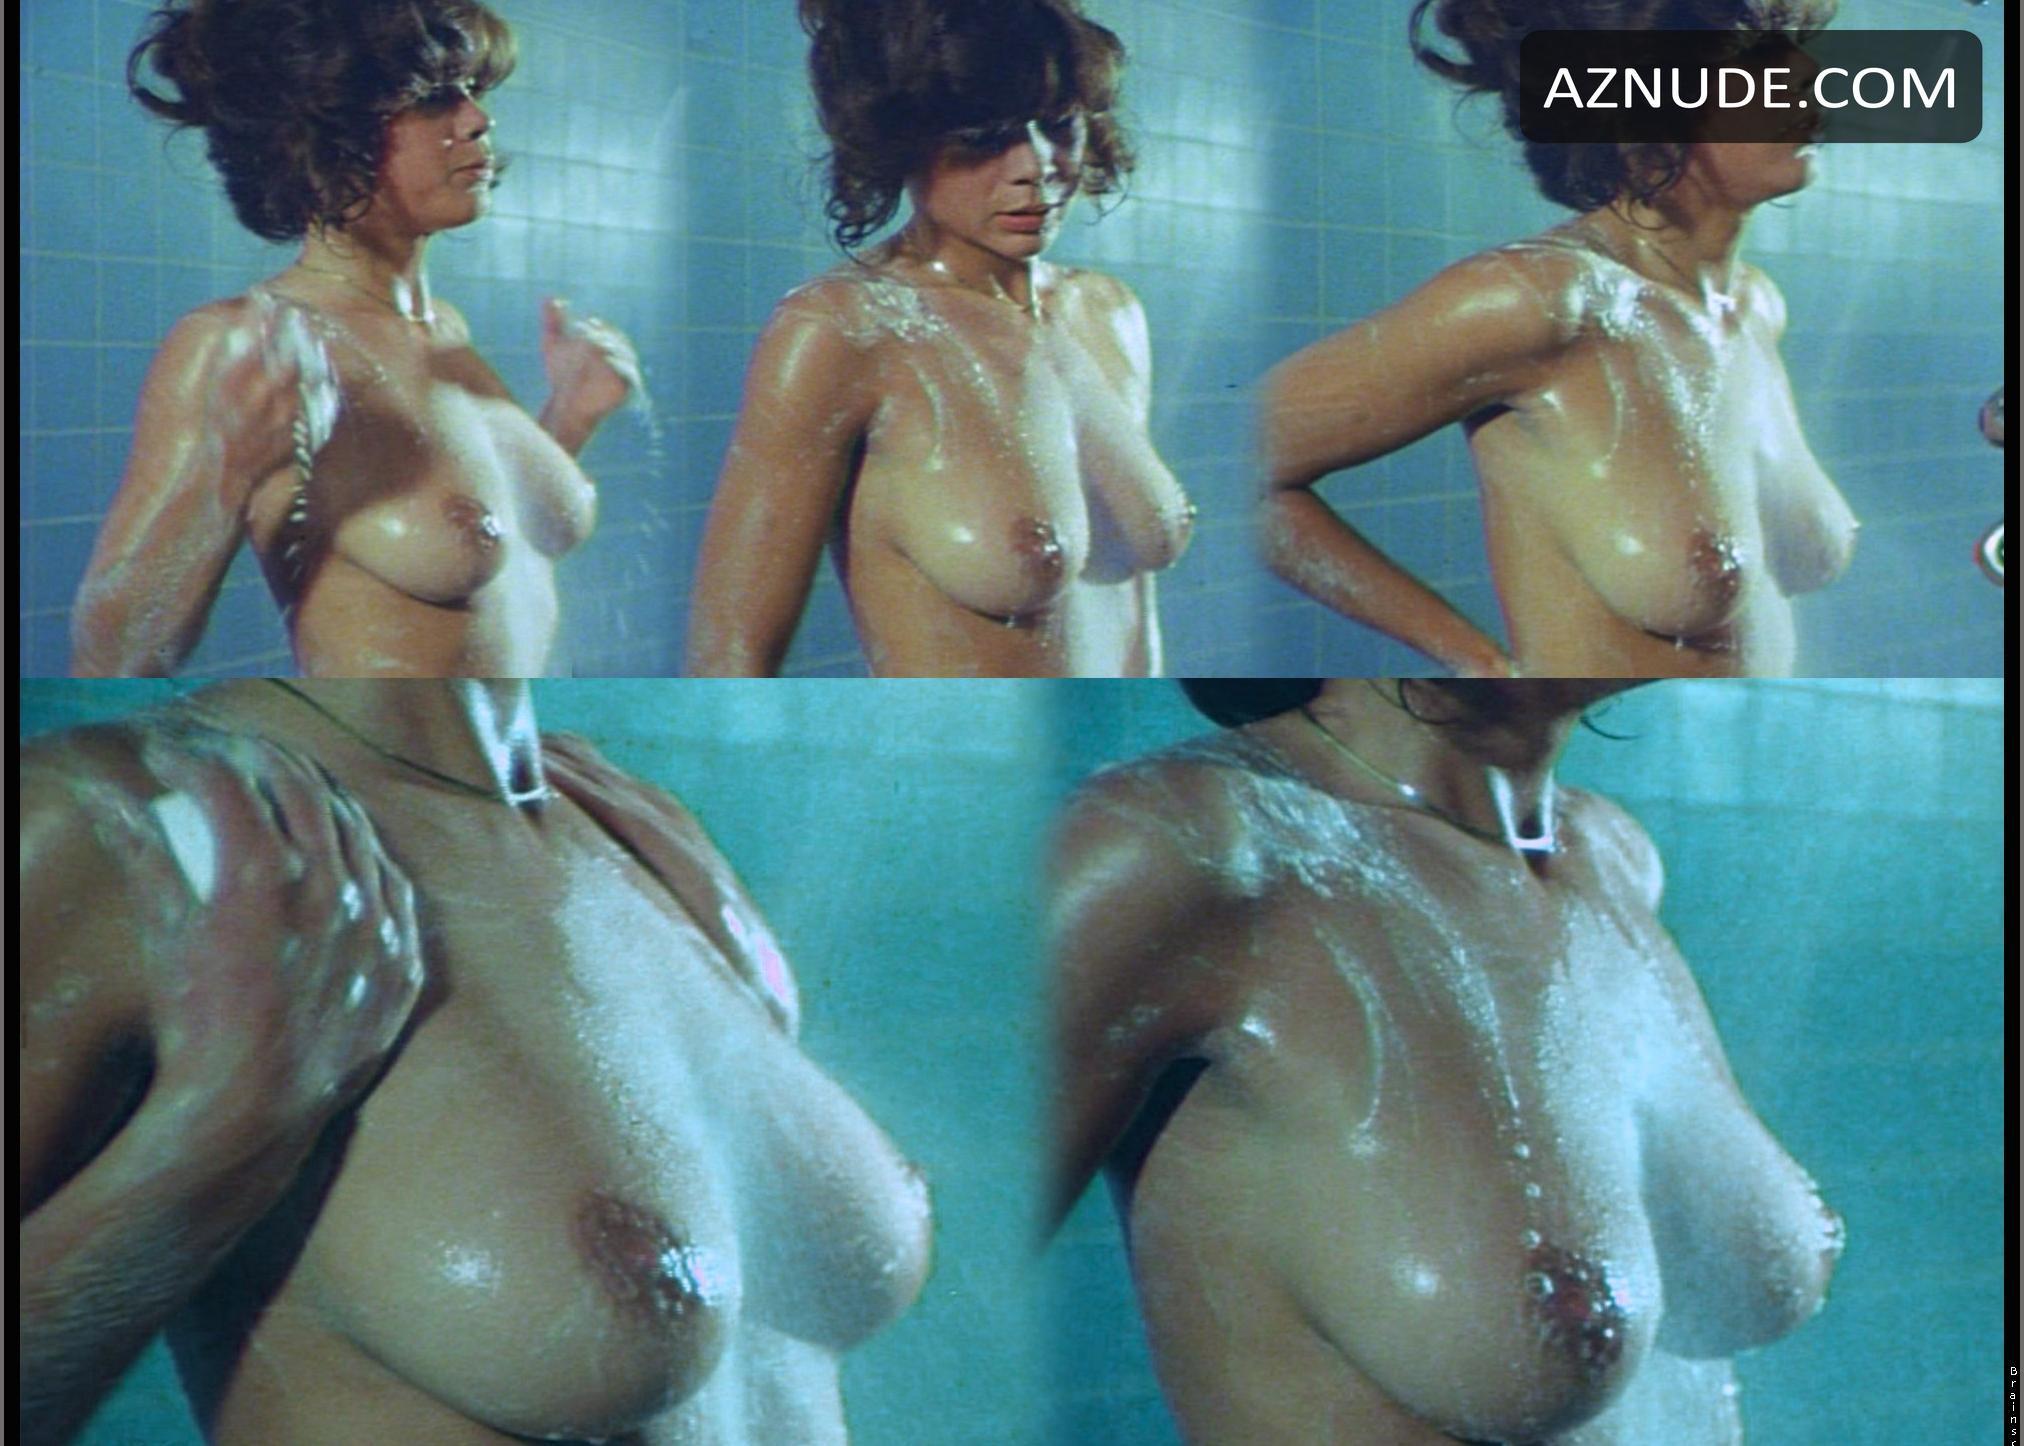 Nude cheerleaders pictures of